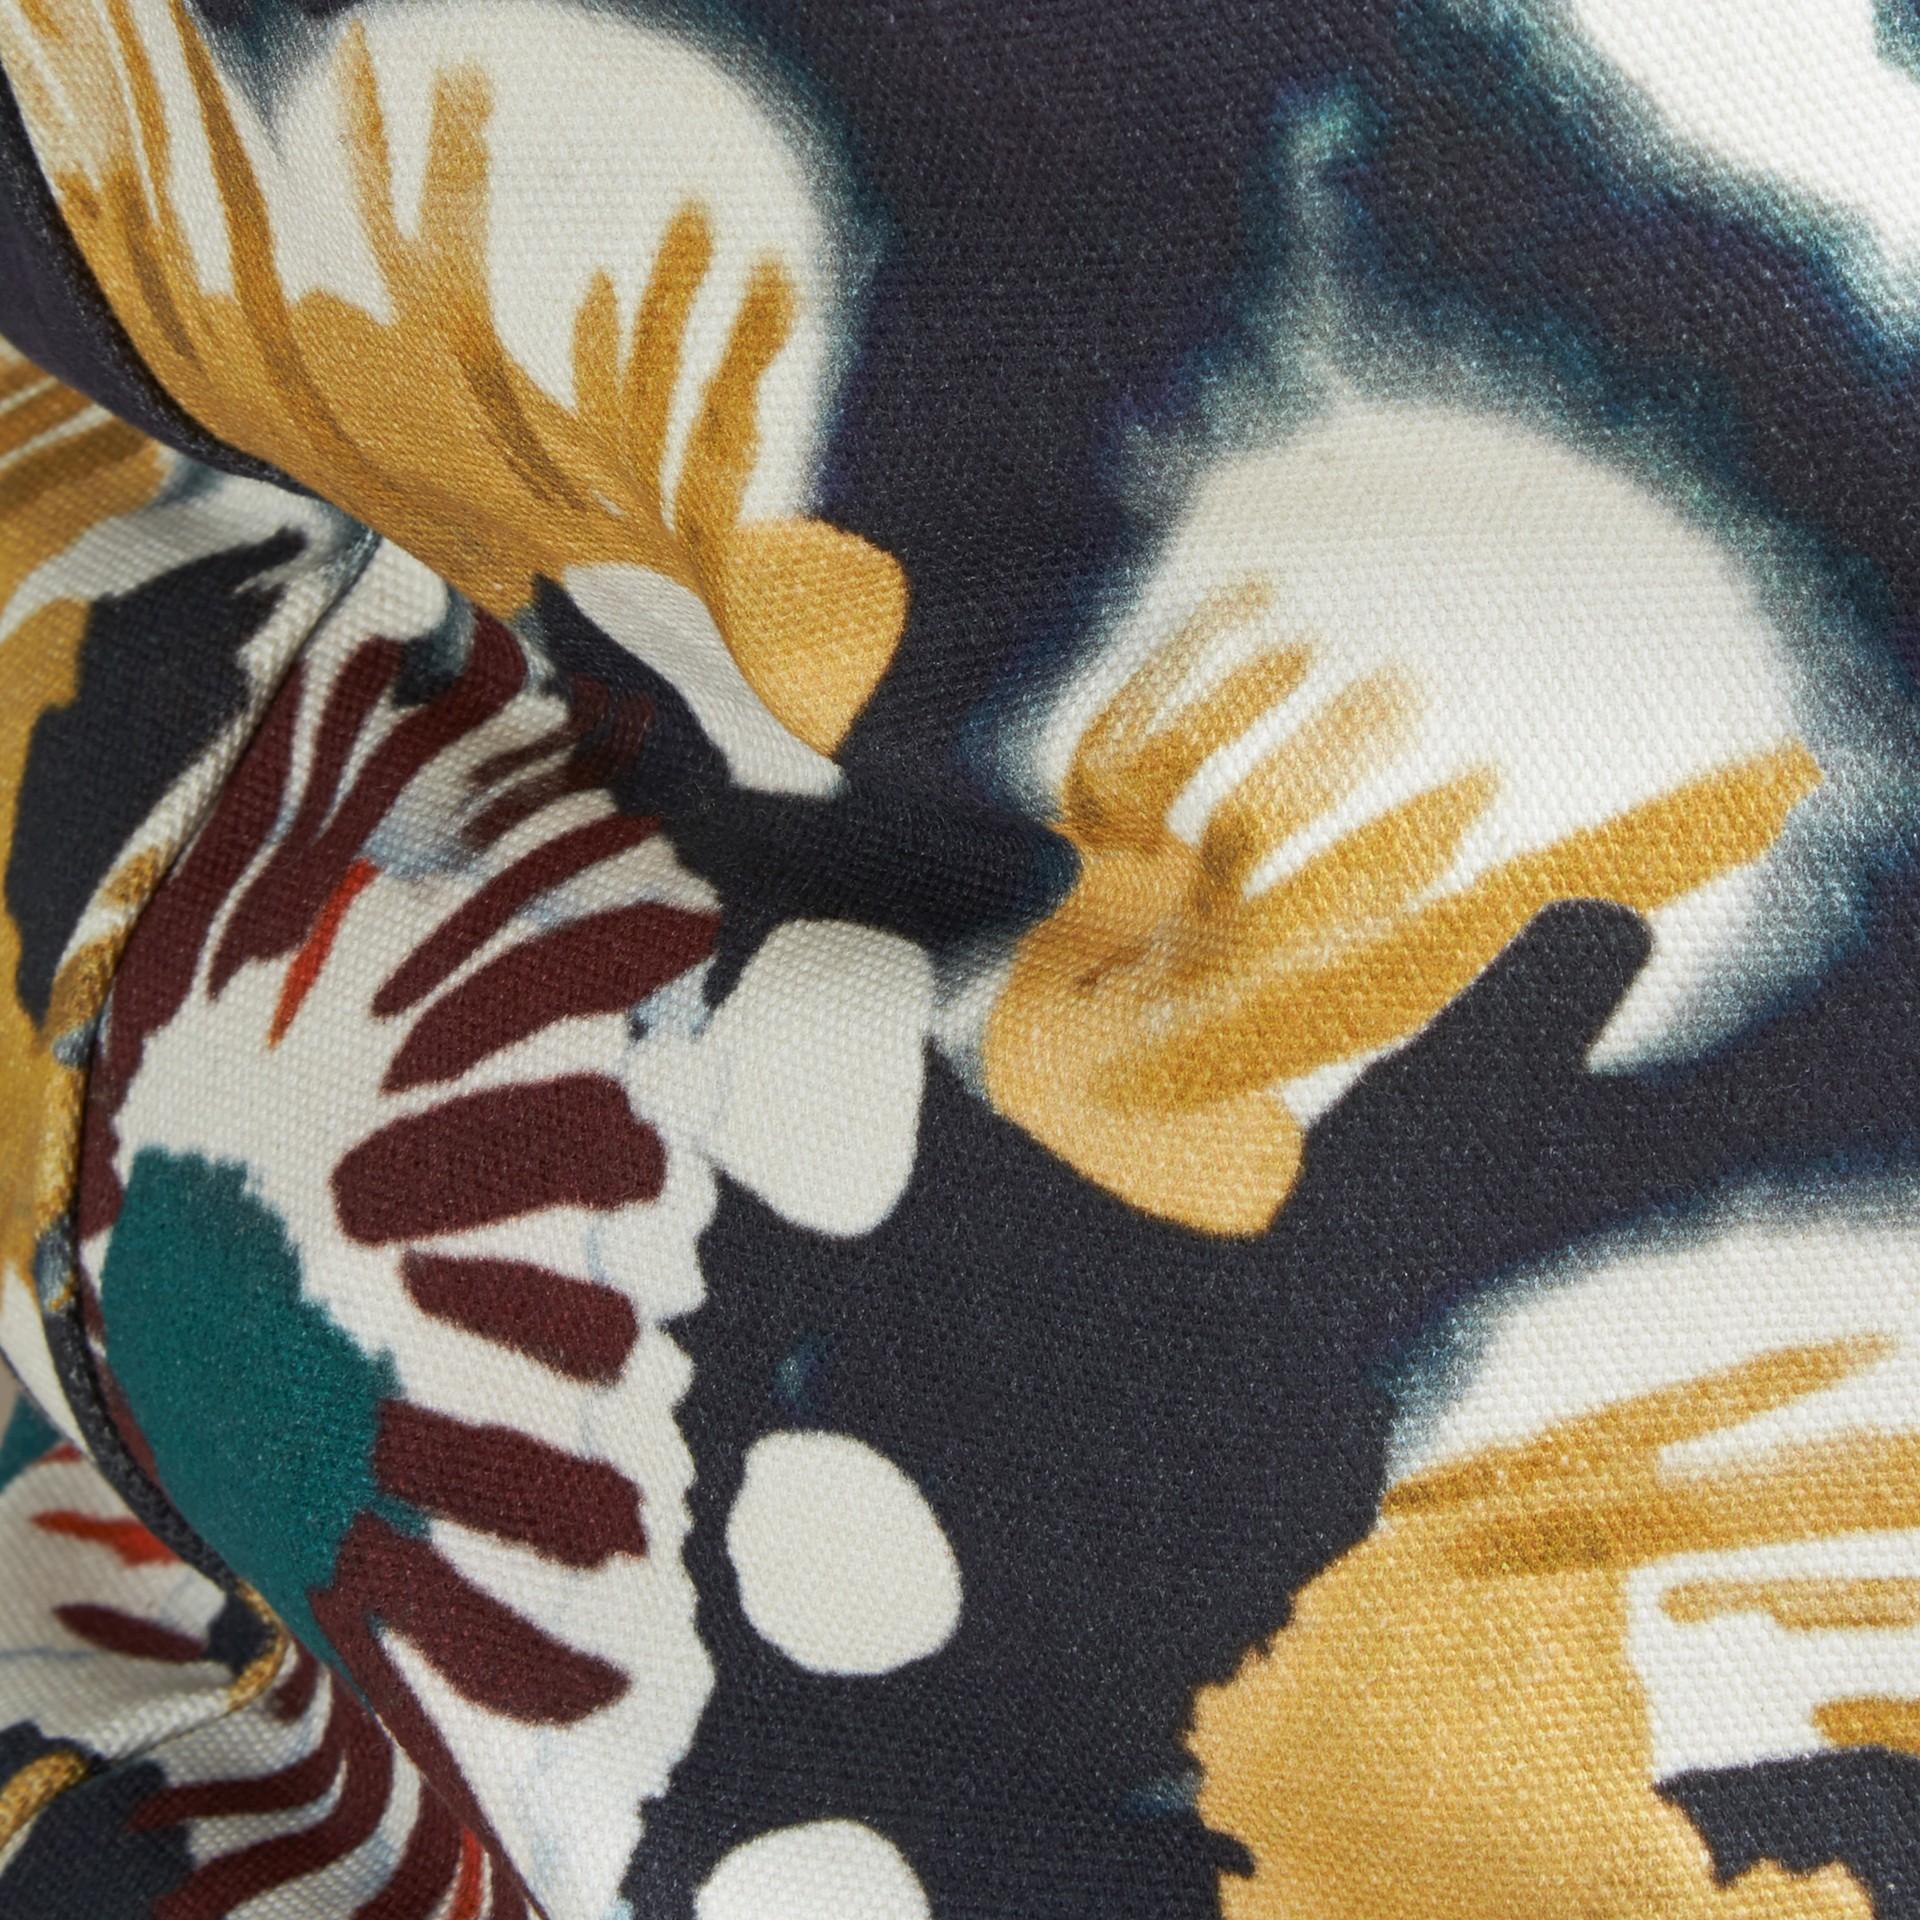 Encre Housse de coussin en coton à motif floral façon tie and dye Encre - photo de la galerie 2